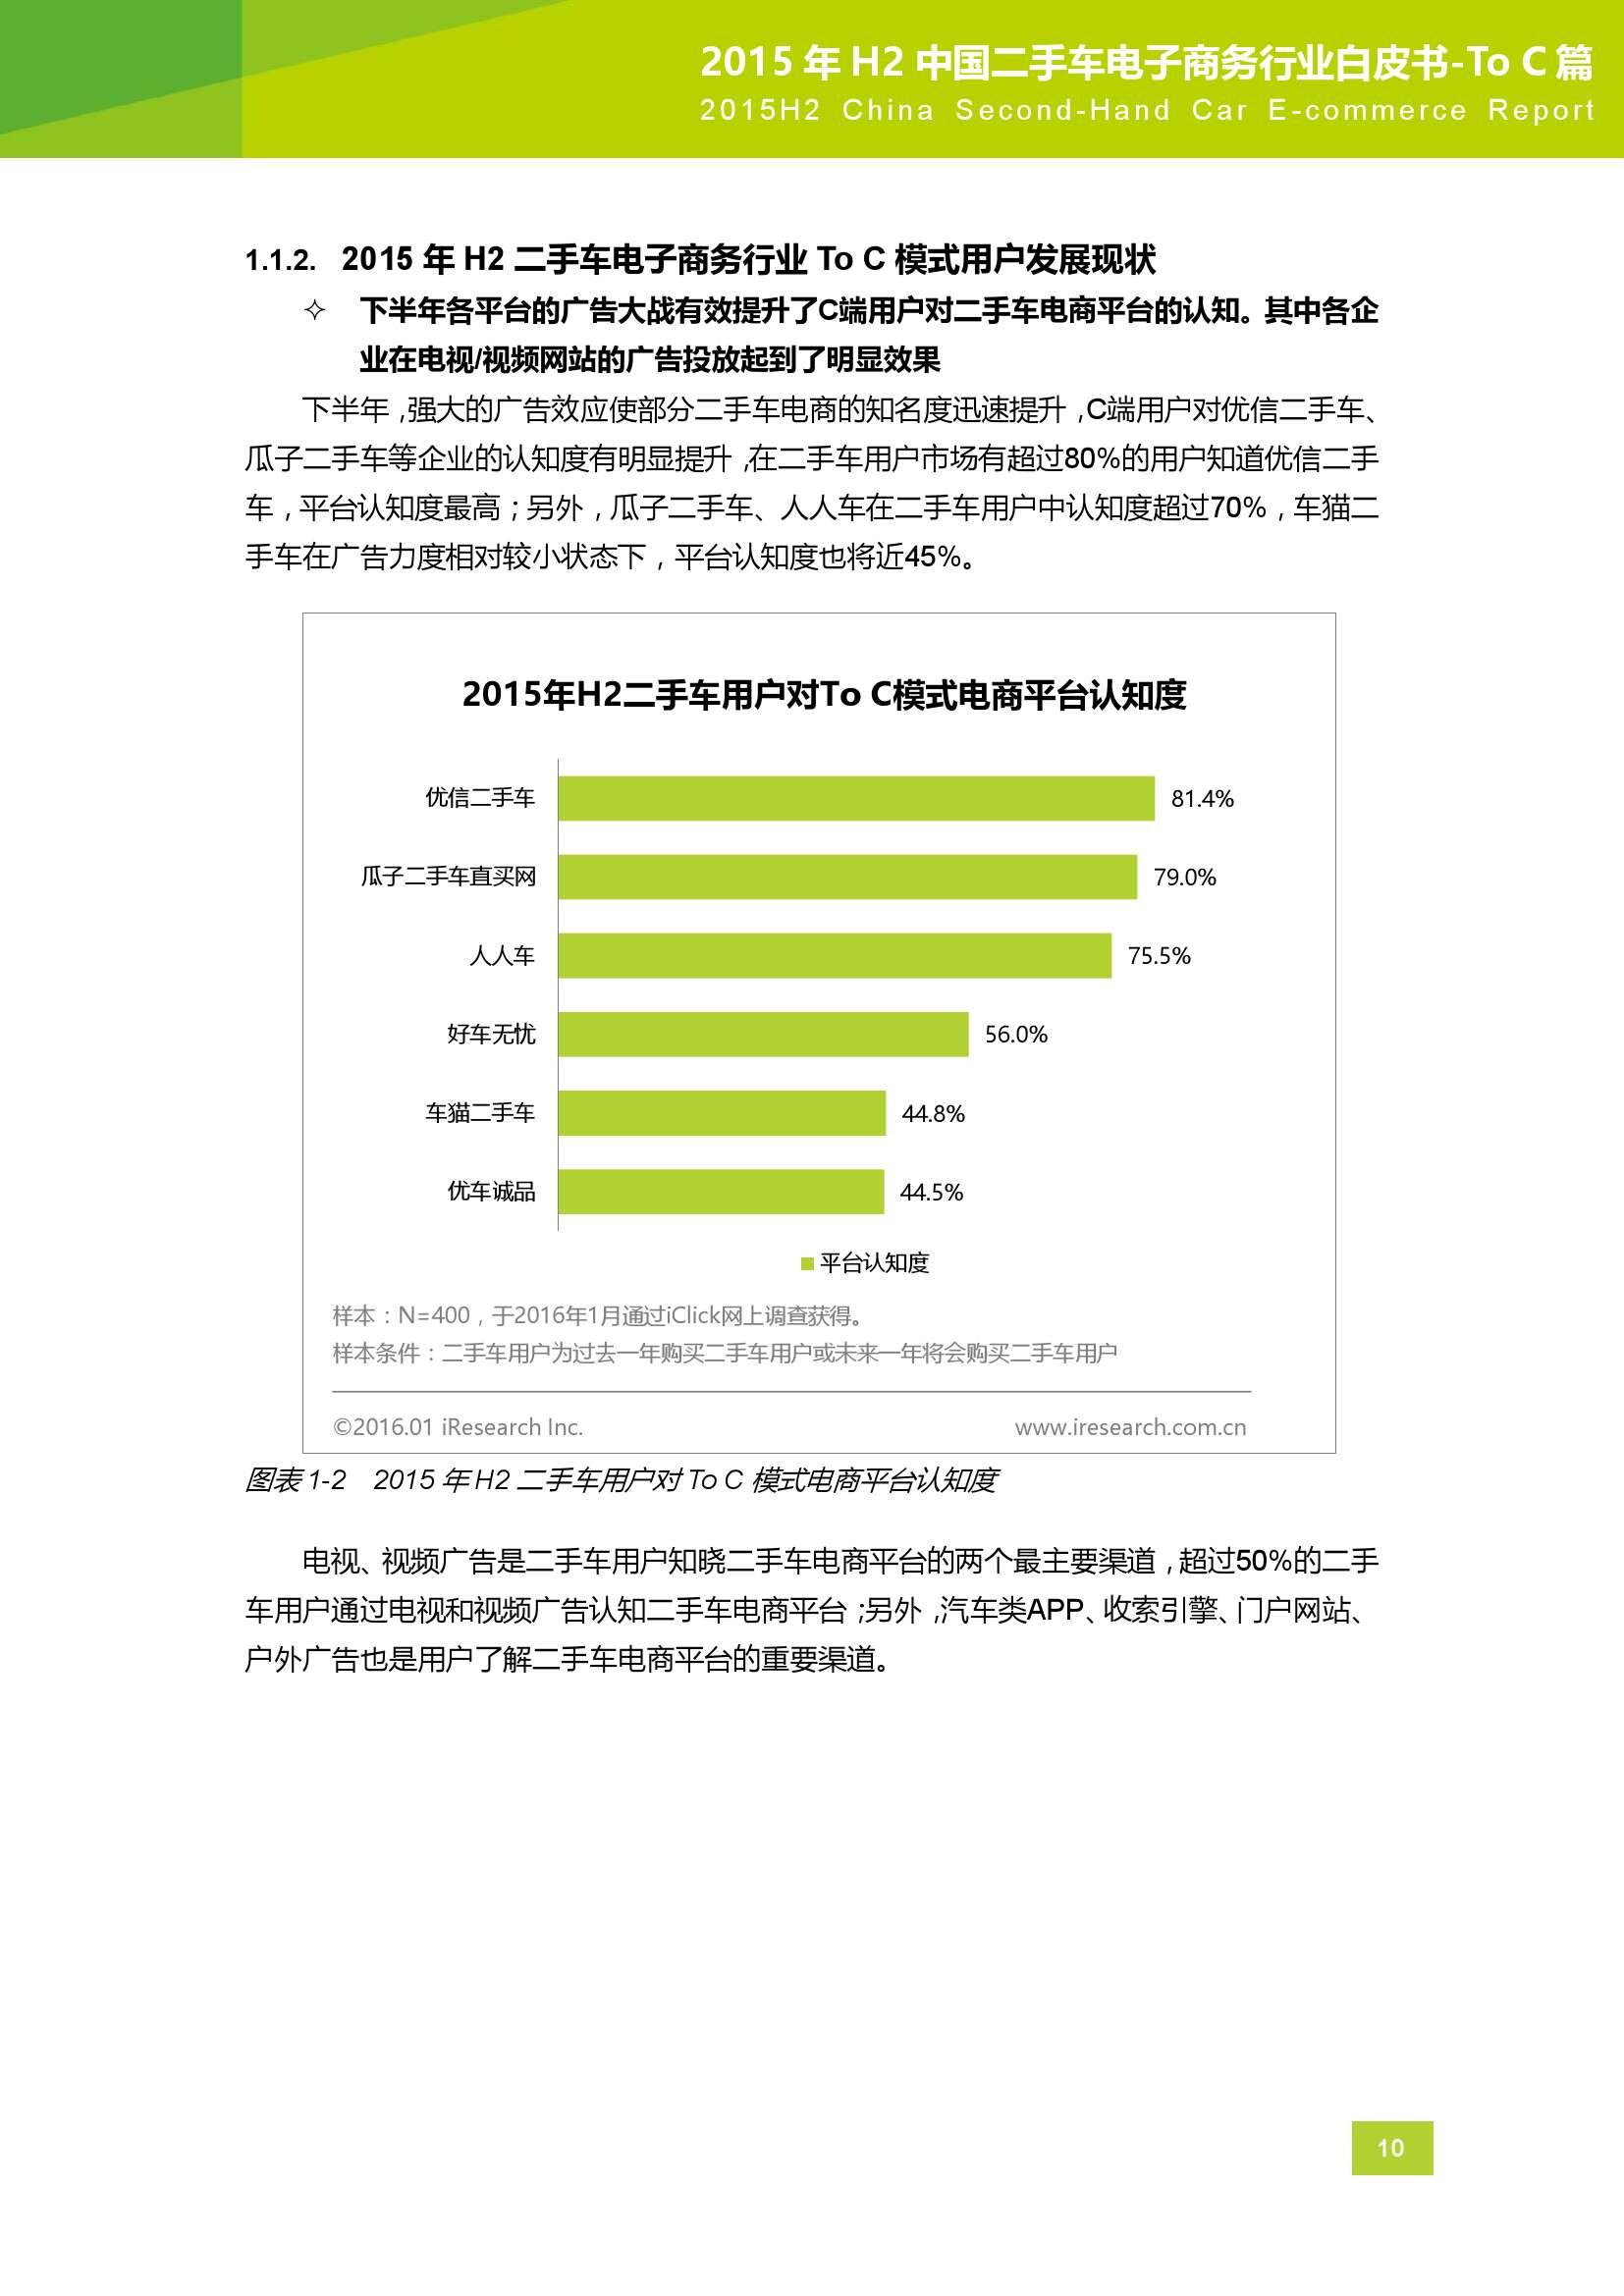 2015年H2中国二手车电子商务行业白皮书_000010